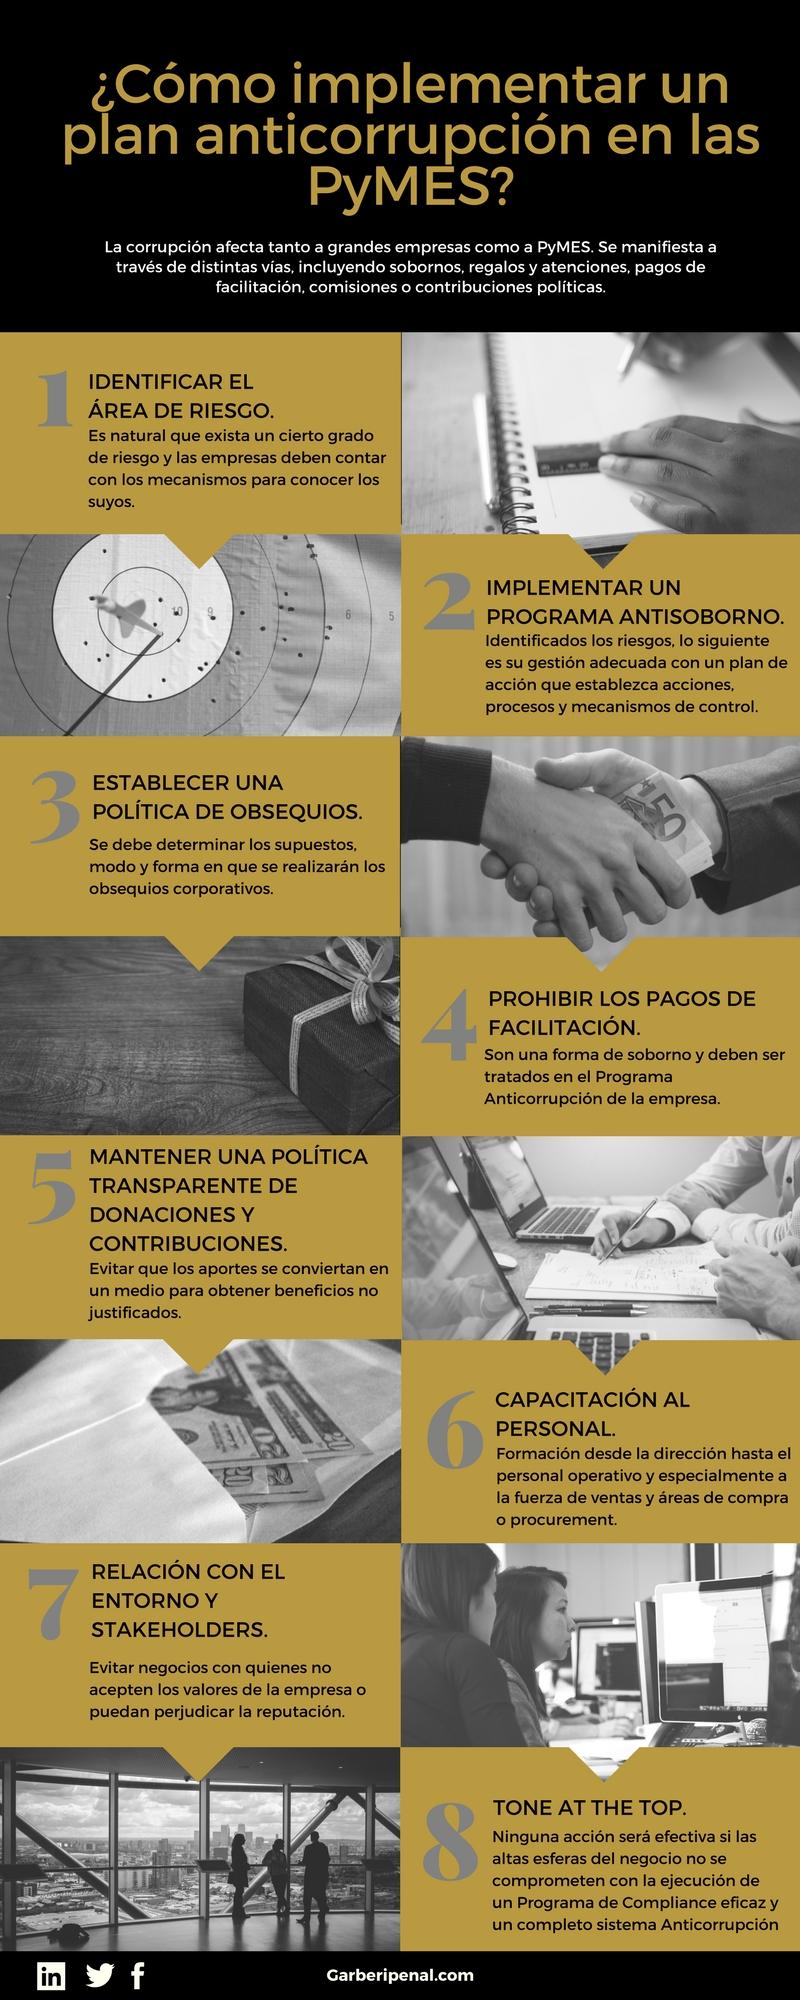 Anticorrupción empresarial Garberi Penal Barcelona